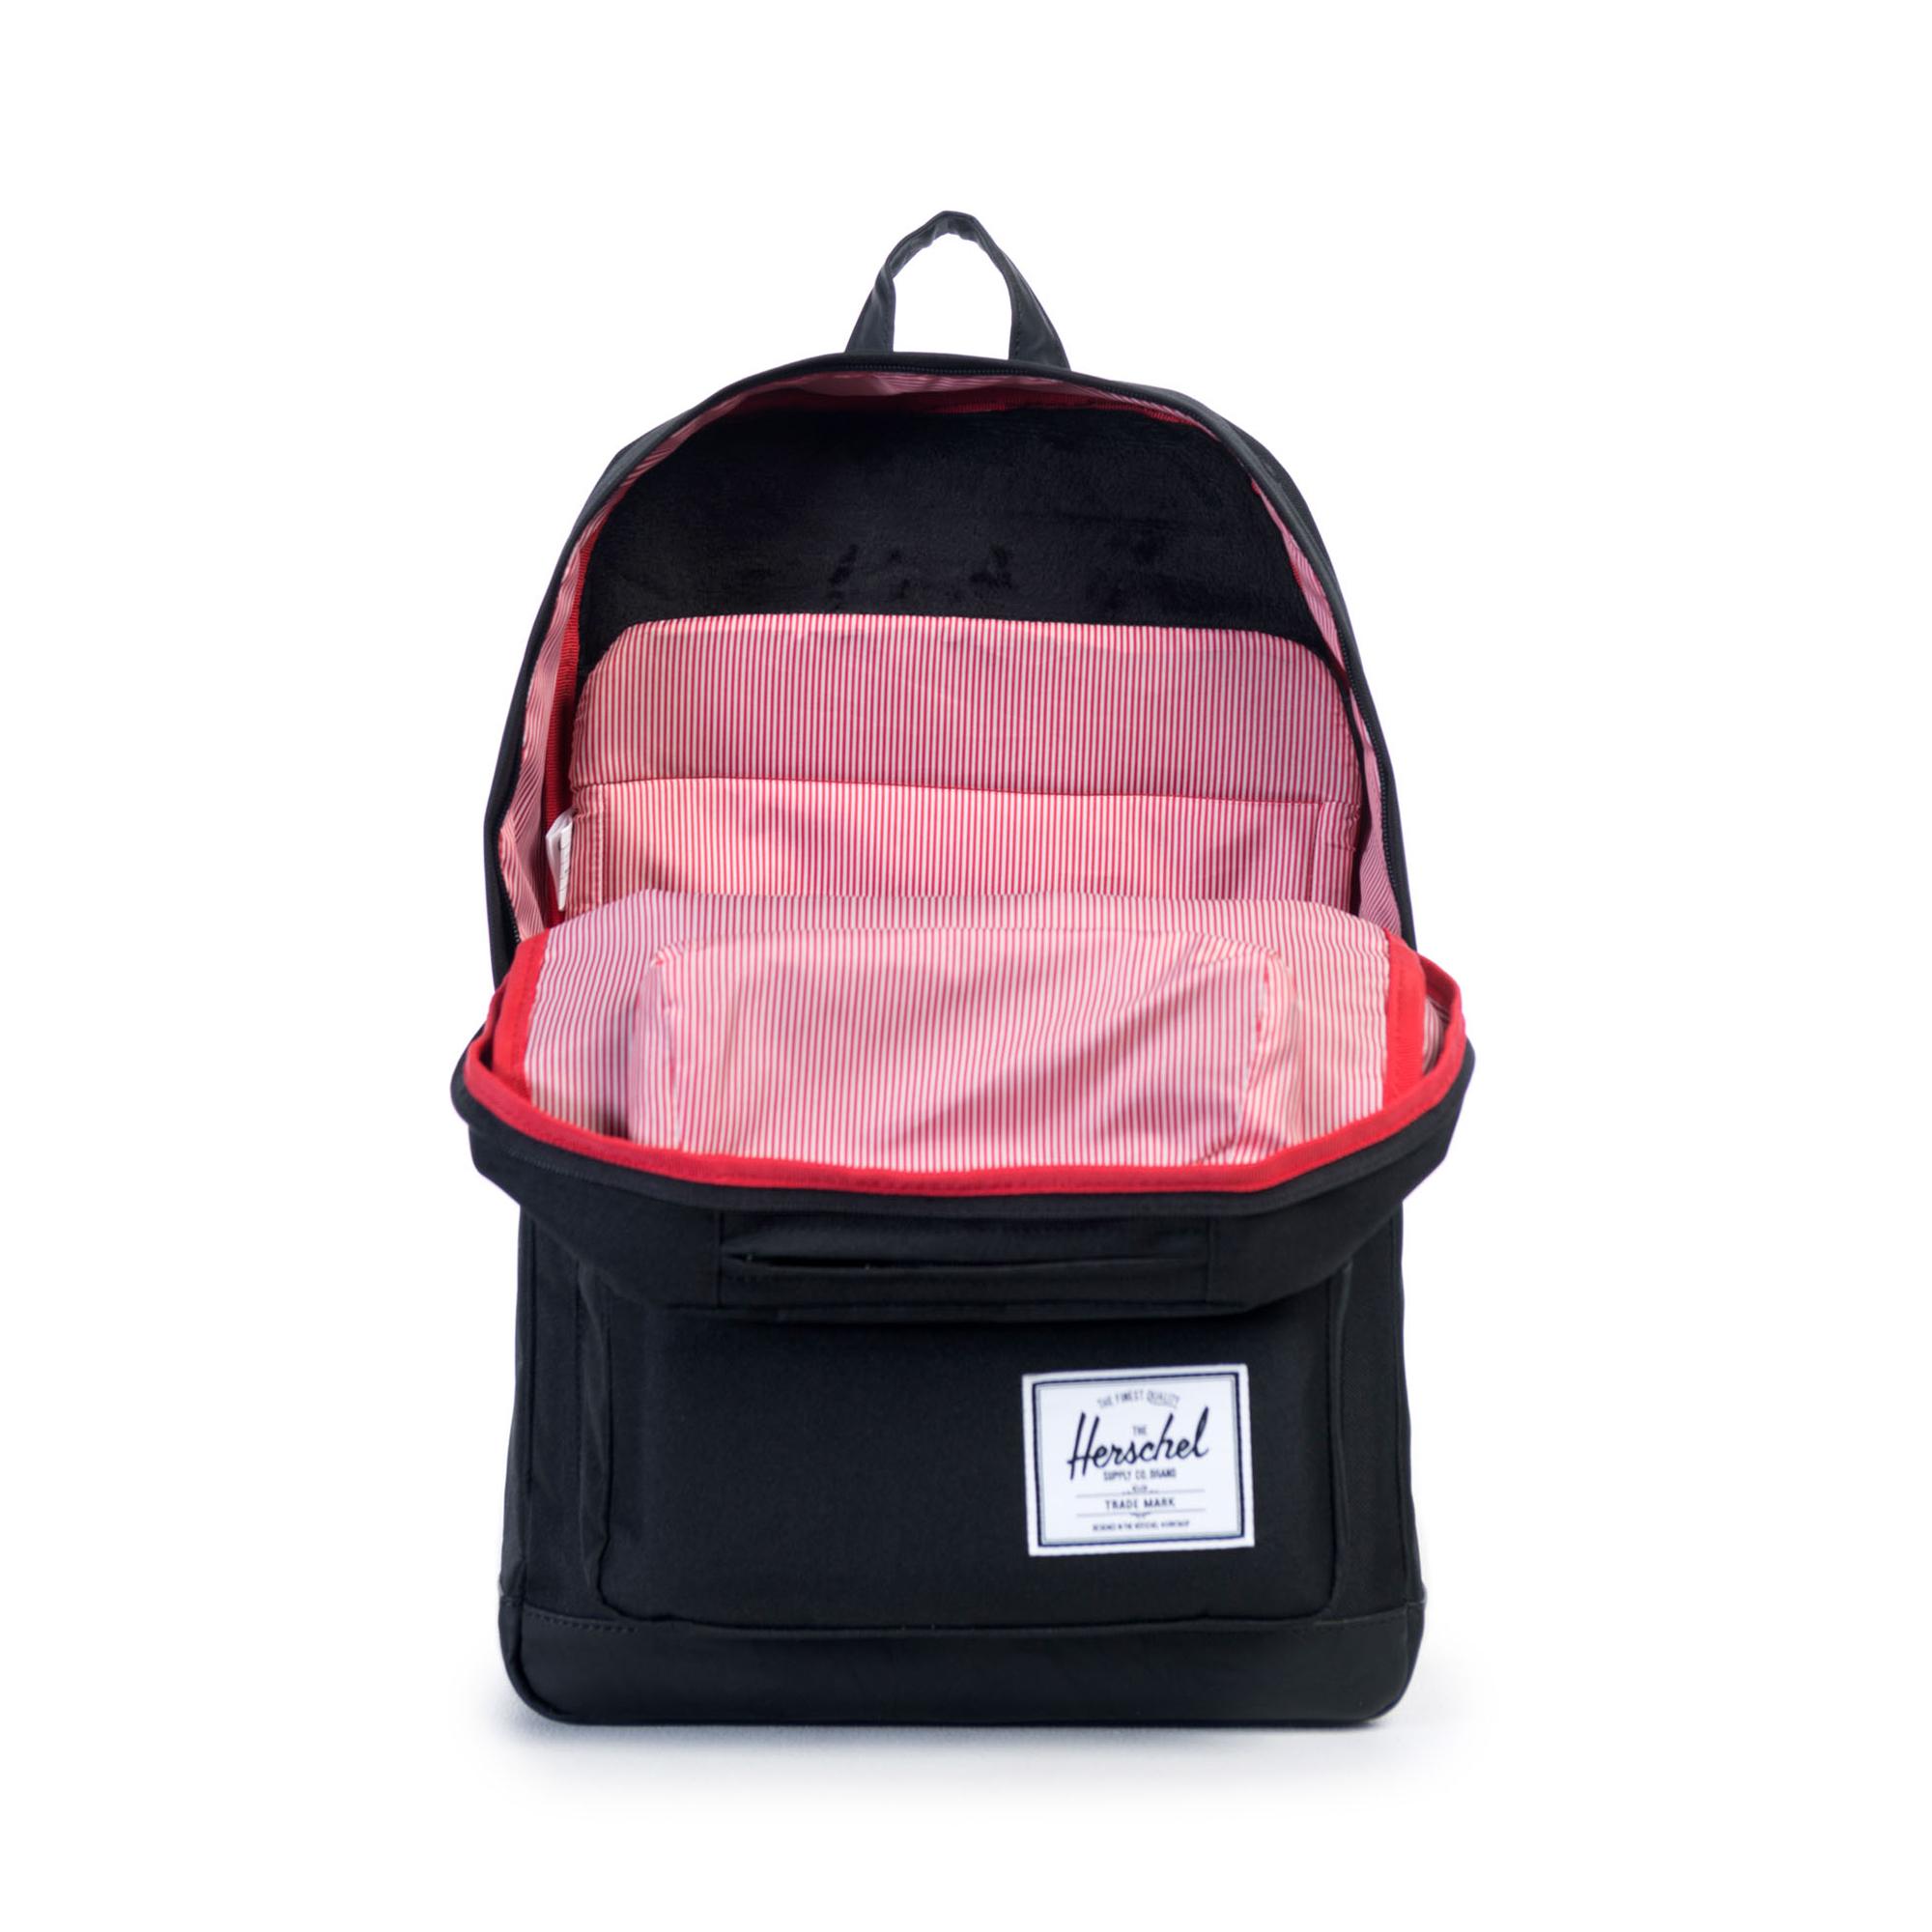 Popular Backpacks For Guys- Fenix Toulouse Handball 80b3e173d20f7